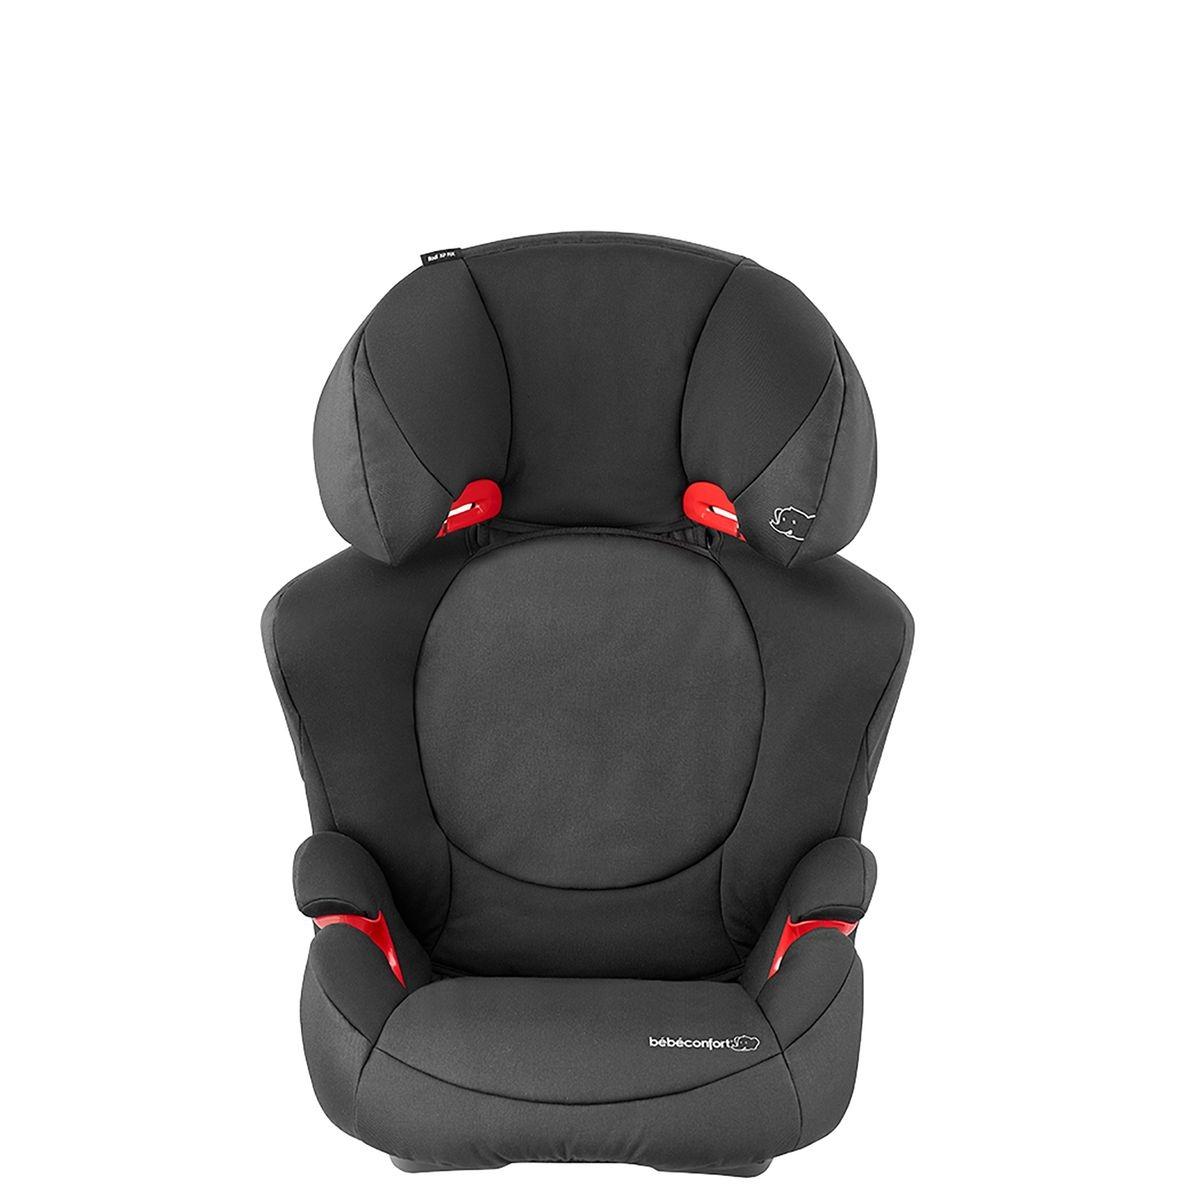 Bebe confort rodi xp siege auto groupe 2 3 prix le moins for Siege auto enfant prix